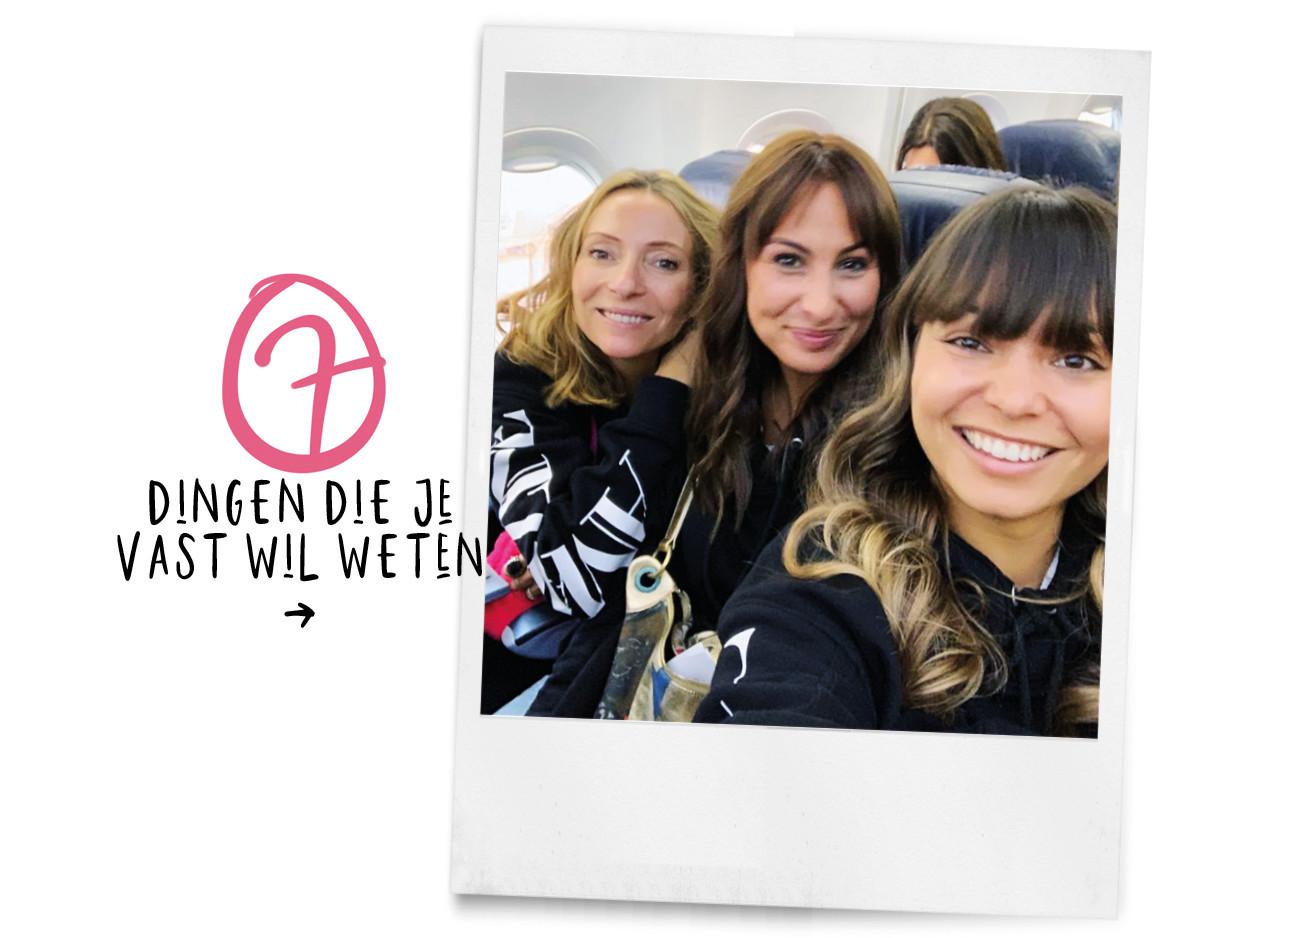 May, lilian en kiki lachend in een vliegtuig 2019